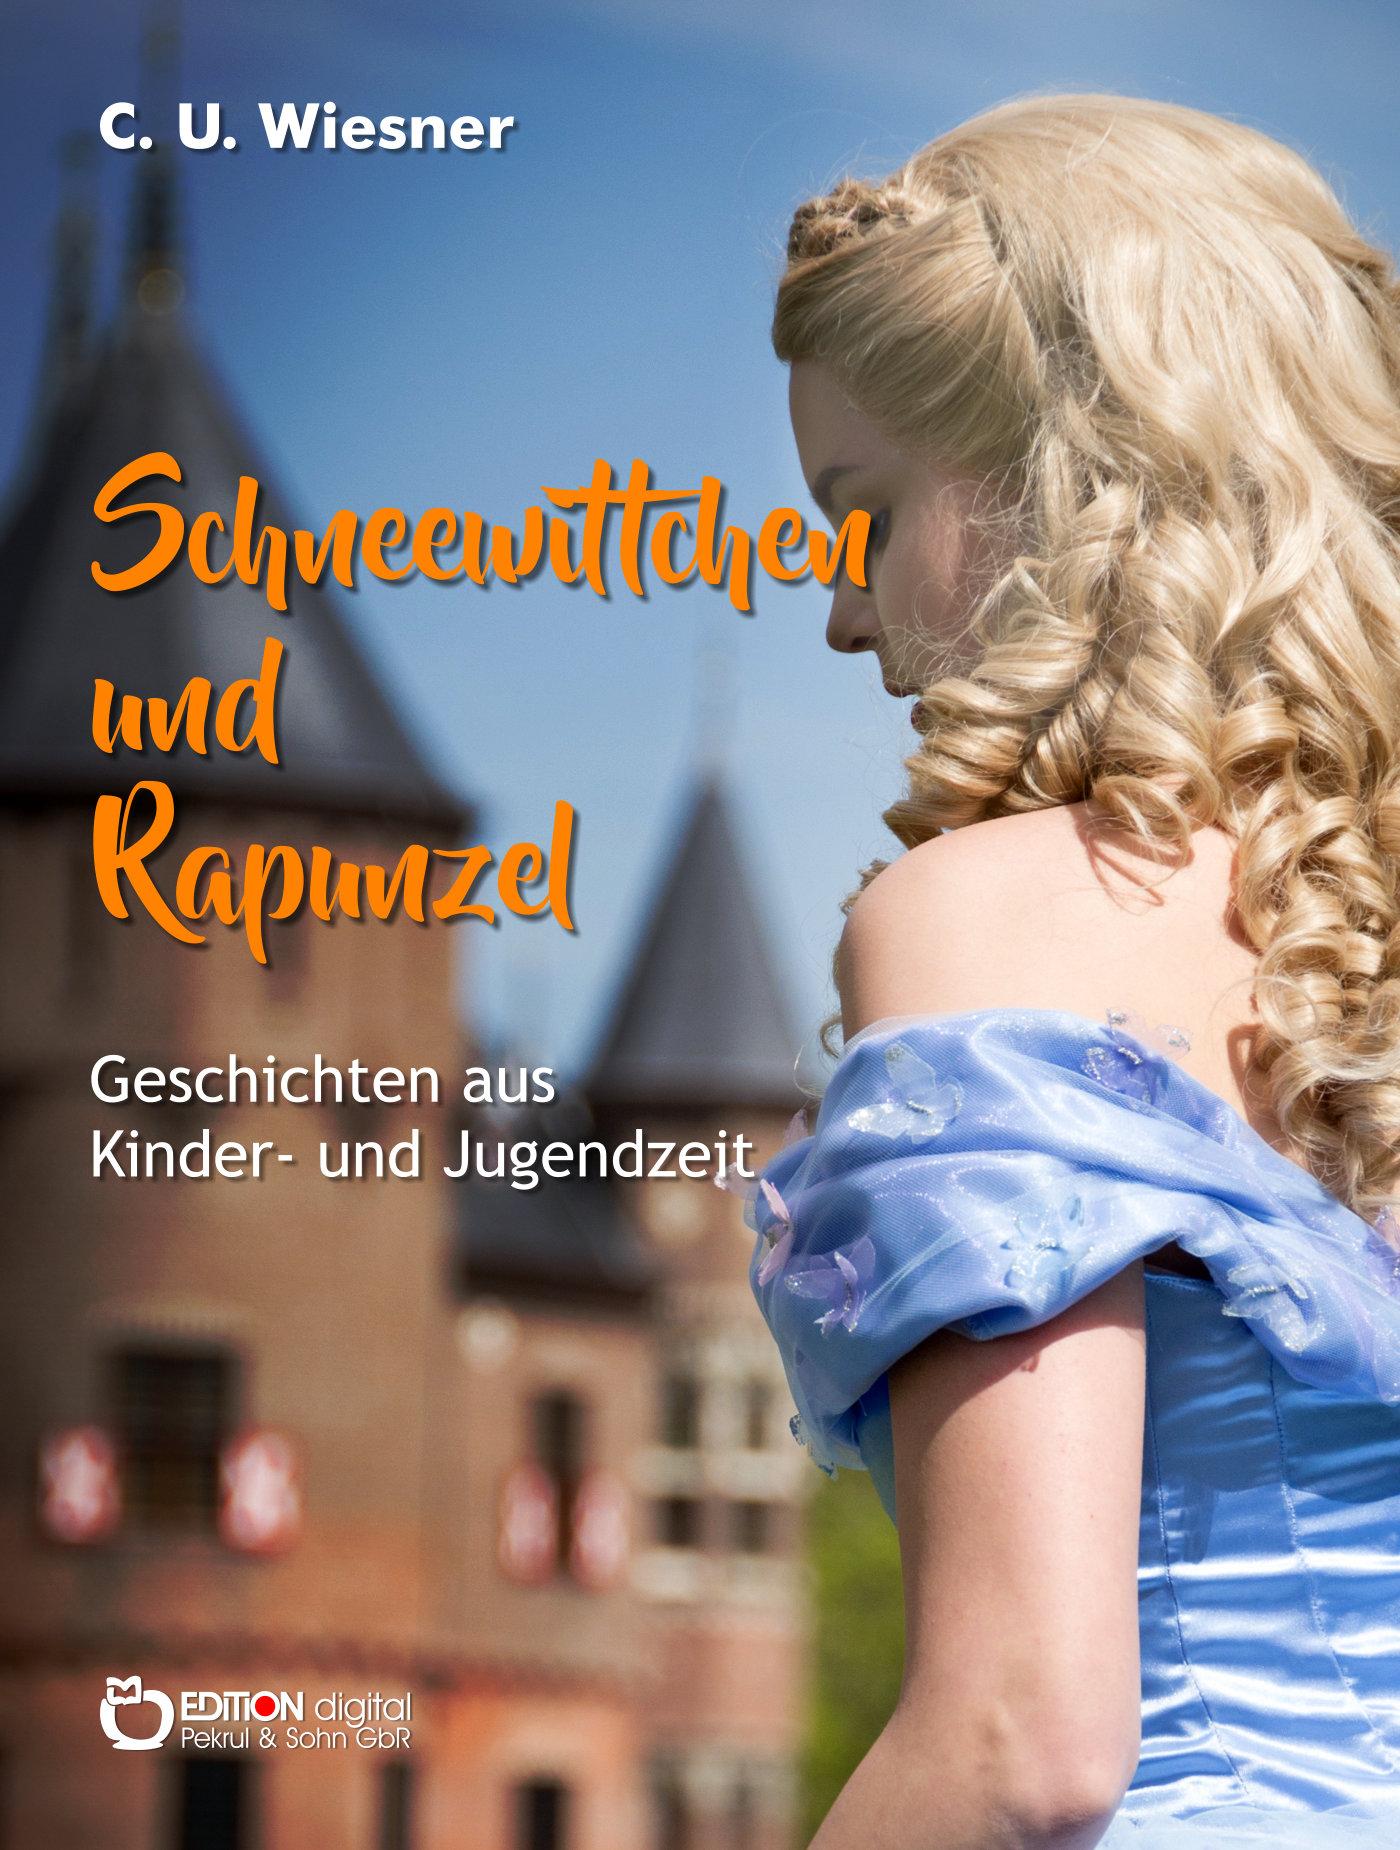 Schneewittchen und Rapunzel. Geschichten aus der Kinder- und Jugendzeit von C. U. Wiesner